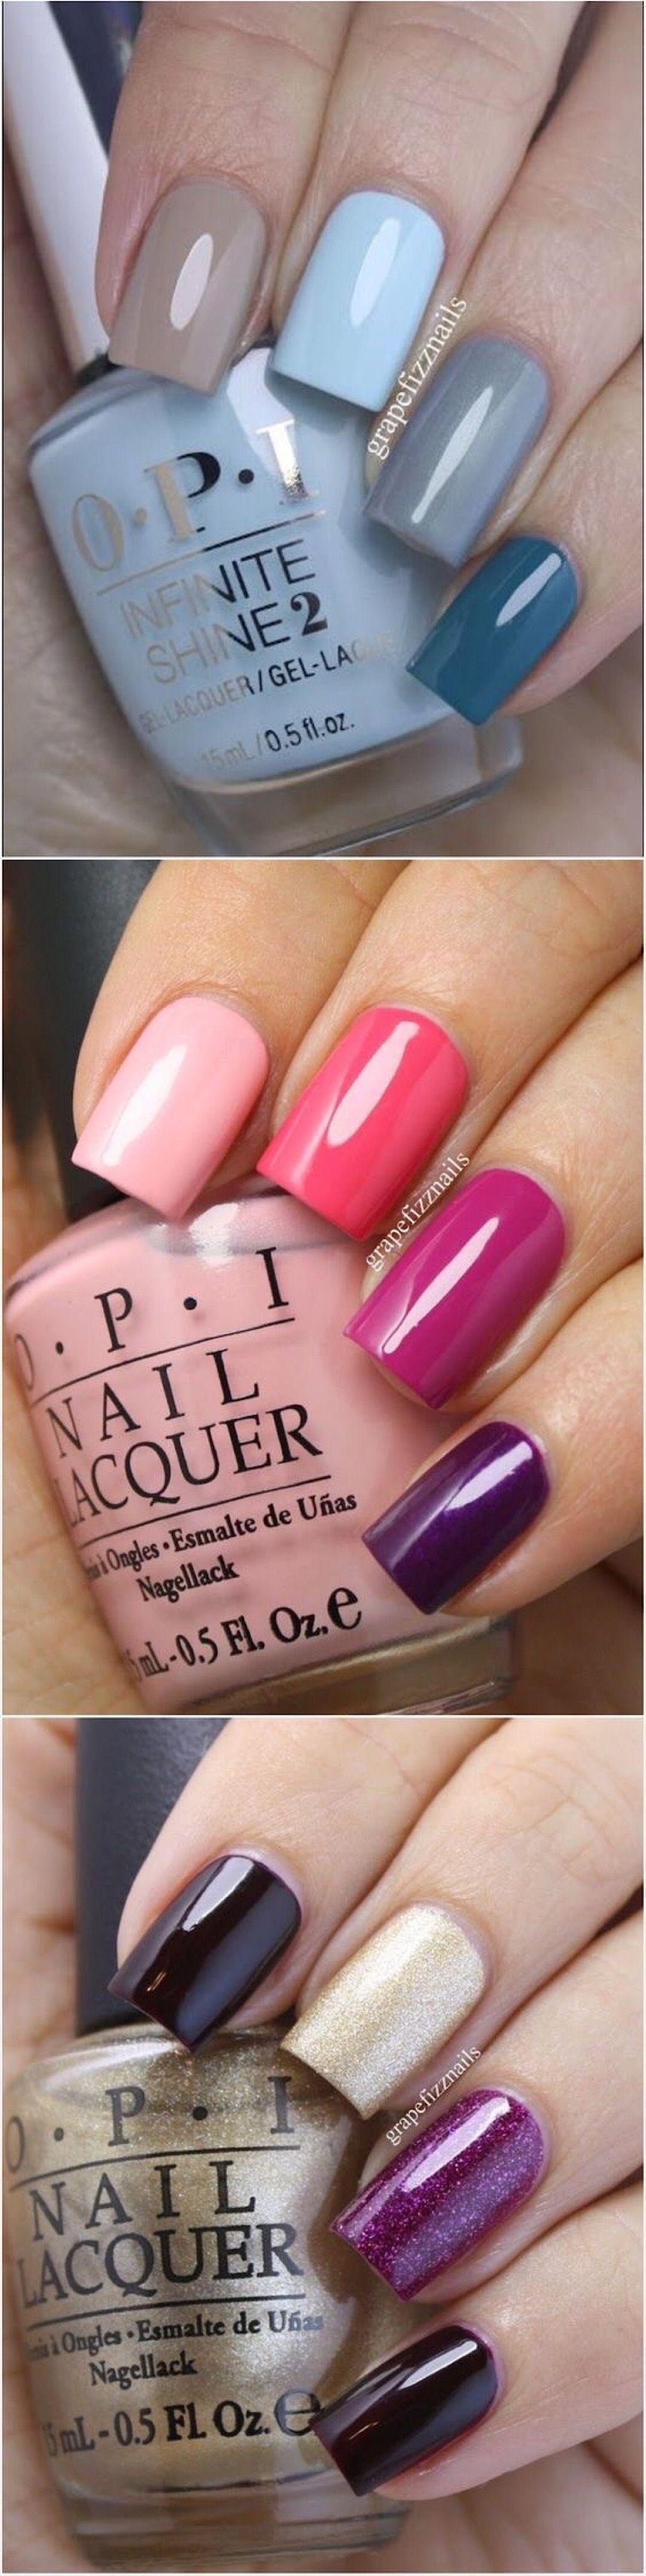 Nail polish color ideas nail polish colors opi and makeup